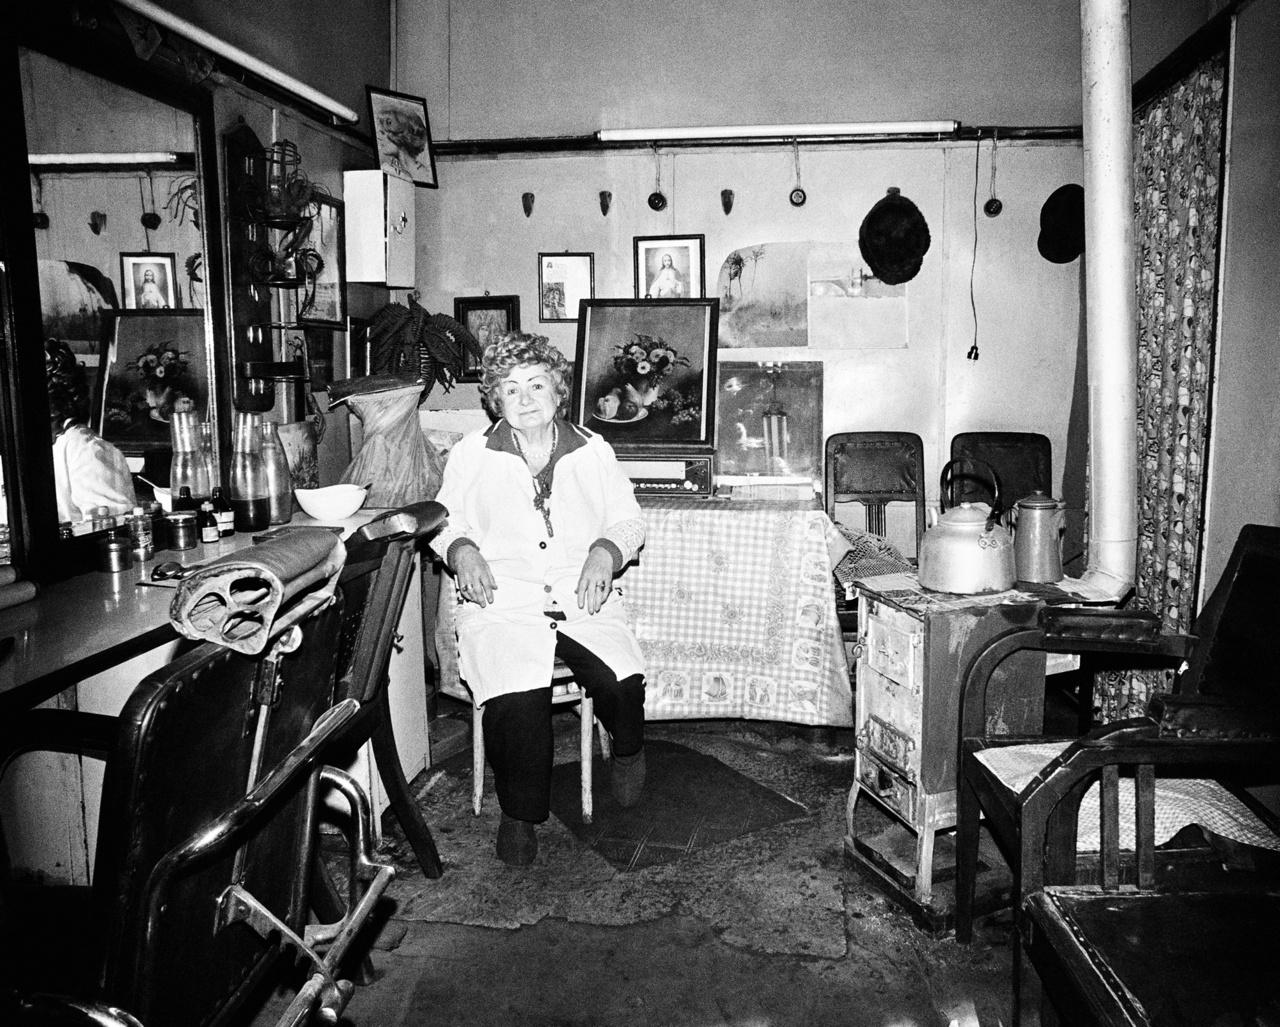 Fordászműhely a vaskályhán teáskannával és kávéfőzővel, a rádión csendélettel, a falon Krisztussal és Máriával.